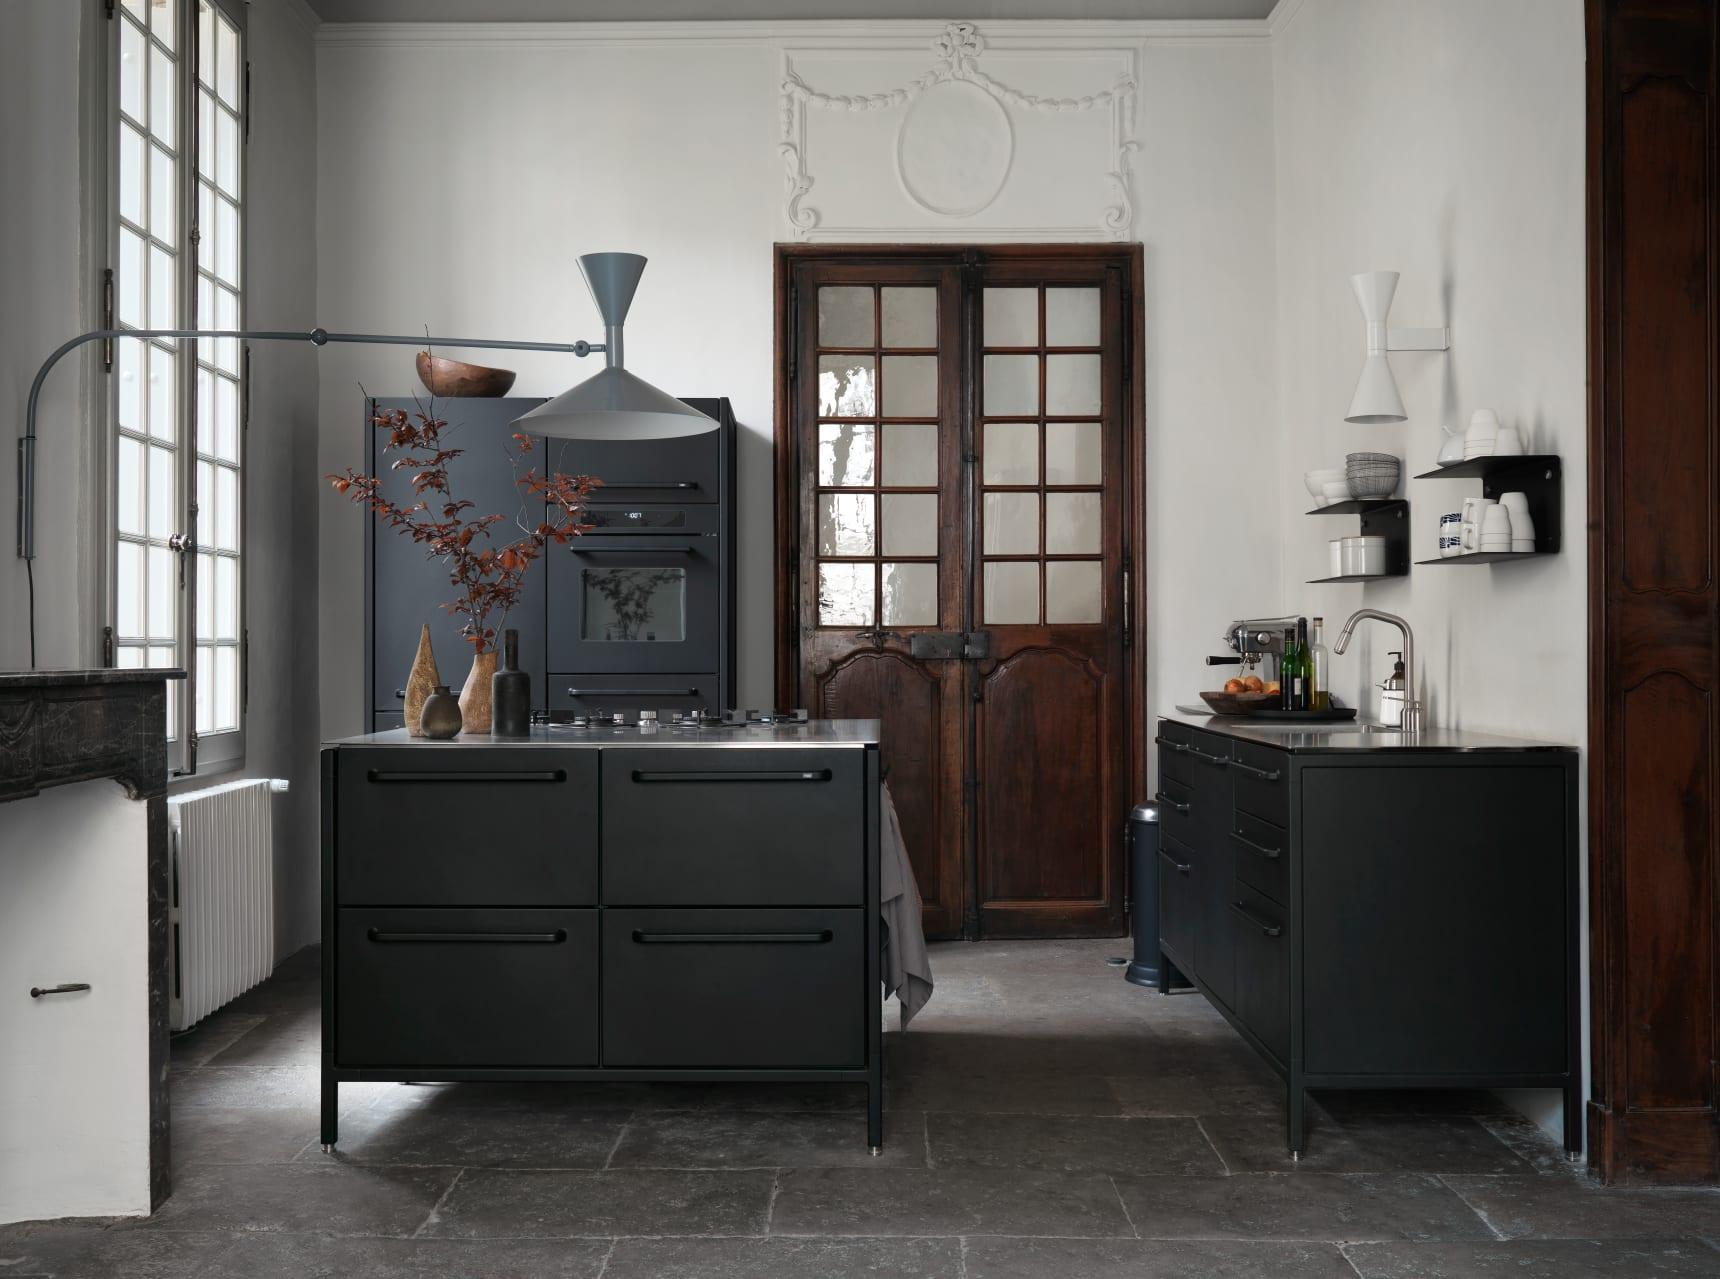 Küchen-Design Inspirationen: So könnte Deine nächste Küche aussehen 3